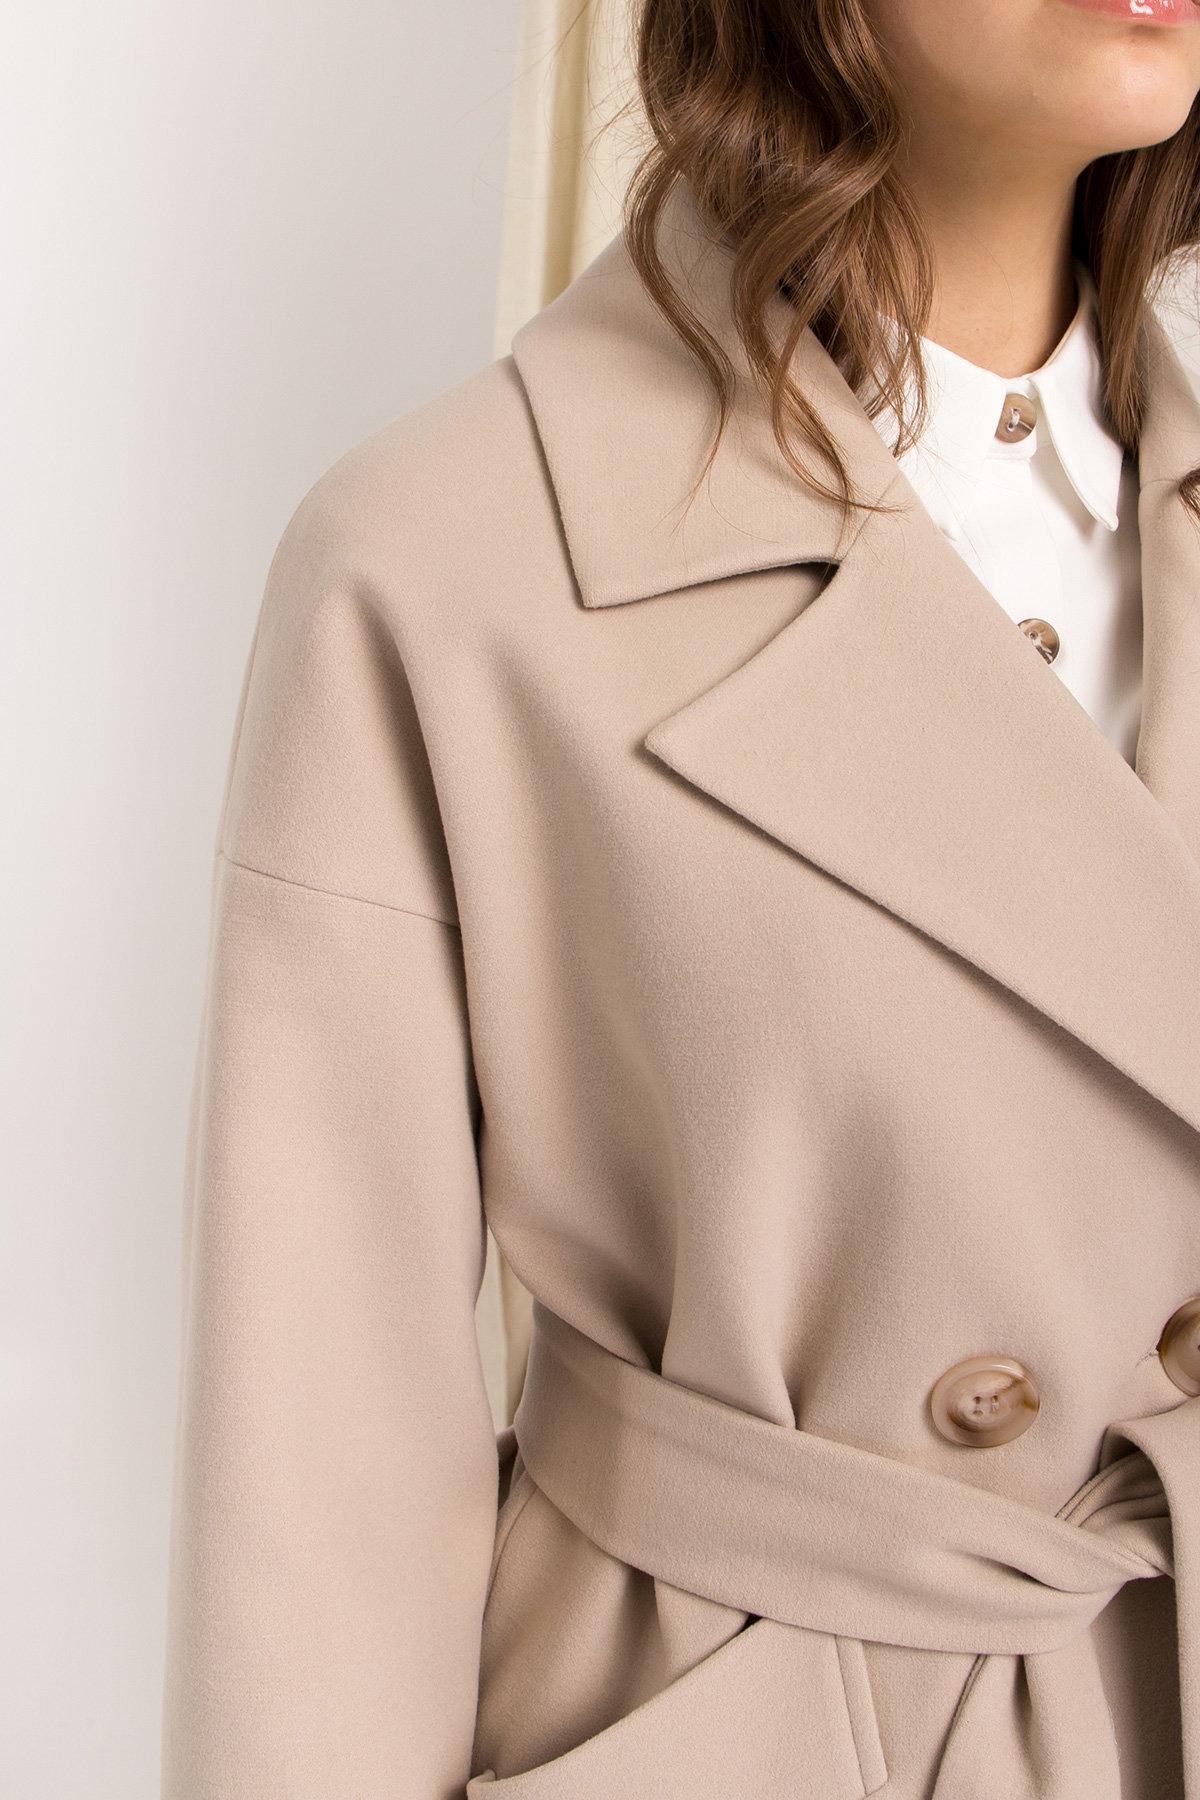 Пальто Сенсей 9006 АРТ. 45312 Цвет: Бежевый - фото 9, интернет магазин tm-modus.ru